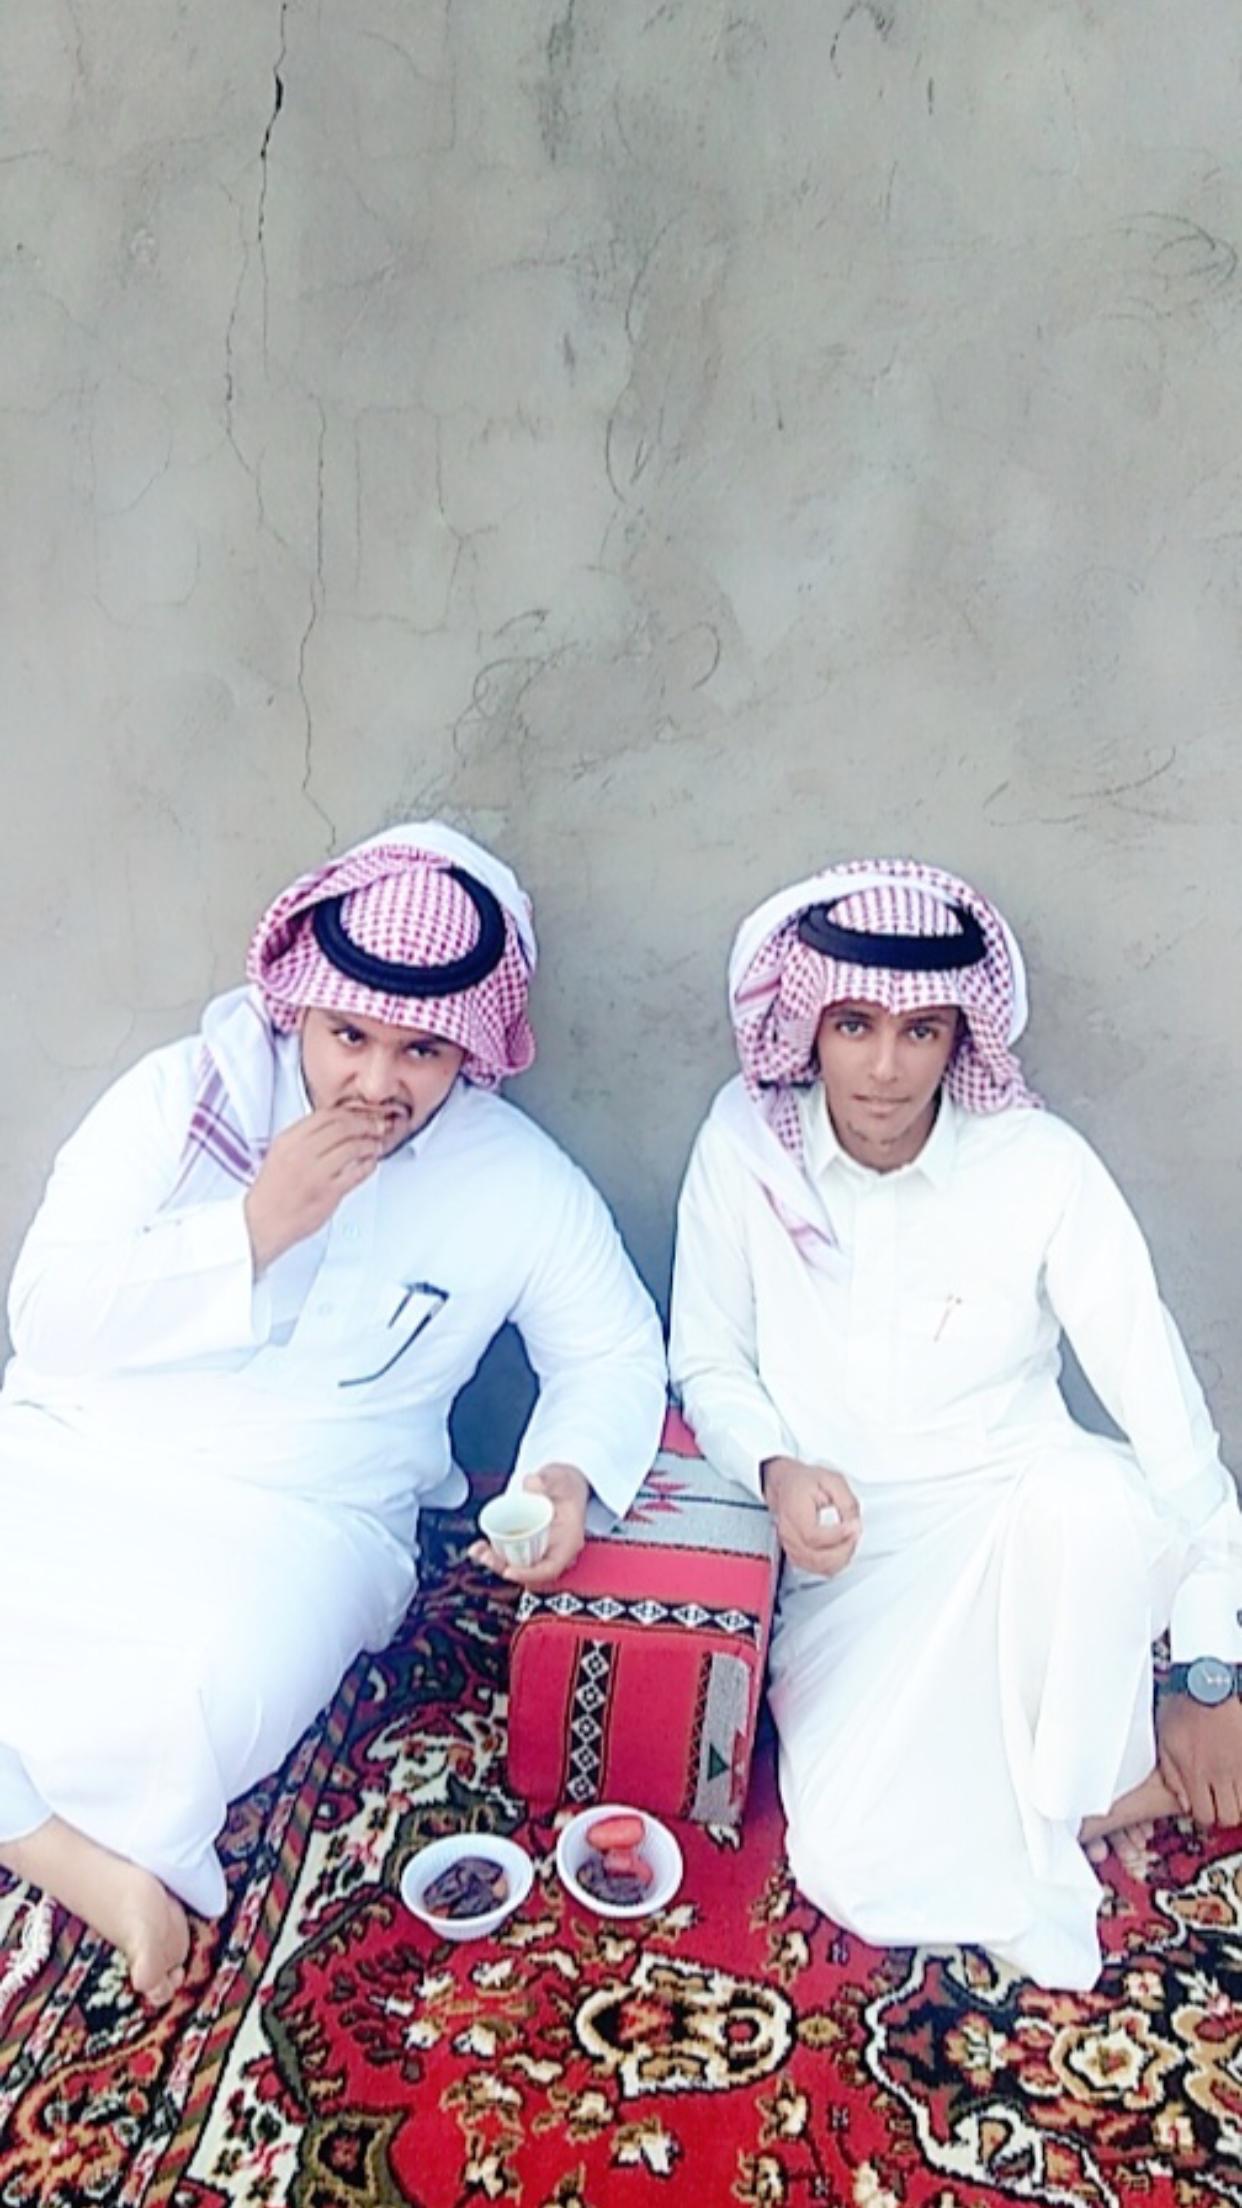 الشاب / حمدان فرج الجحم البلوي يحتفل بزواجه CF498B36 A7BC 4589 881F 9FCF7A362A68